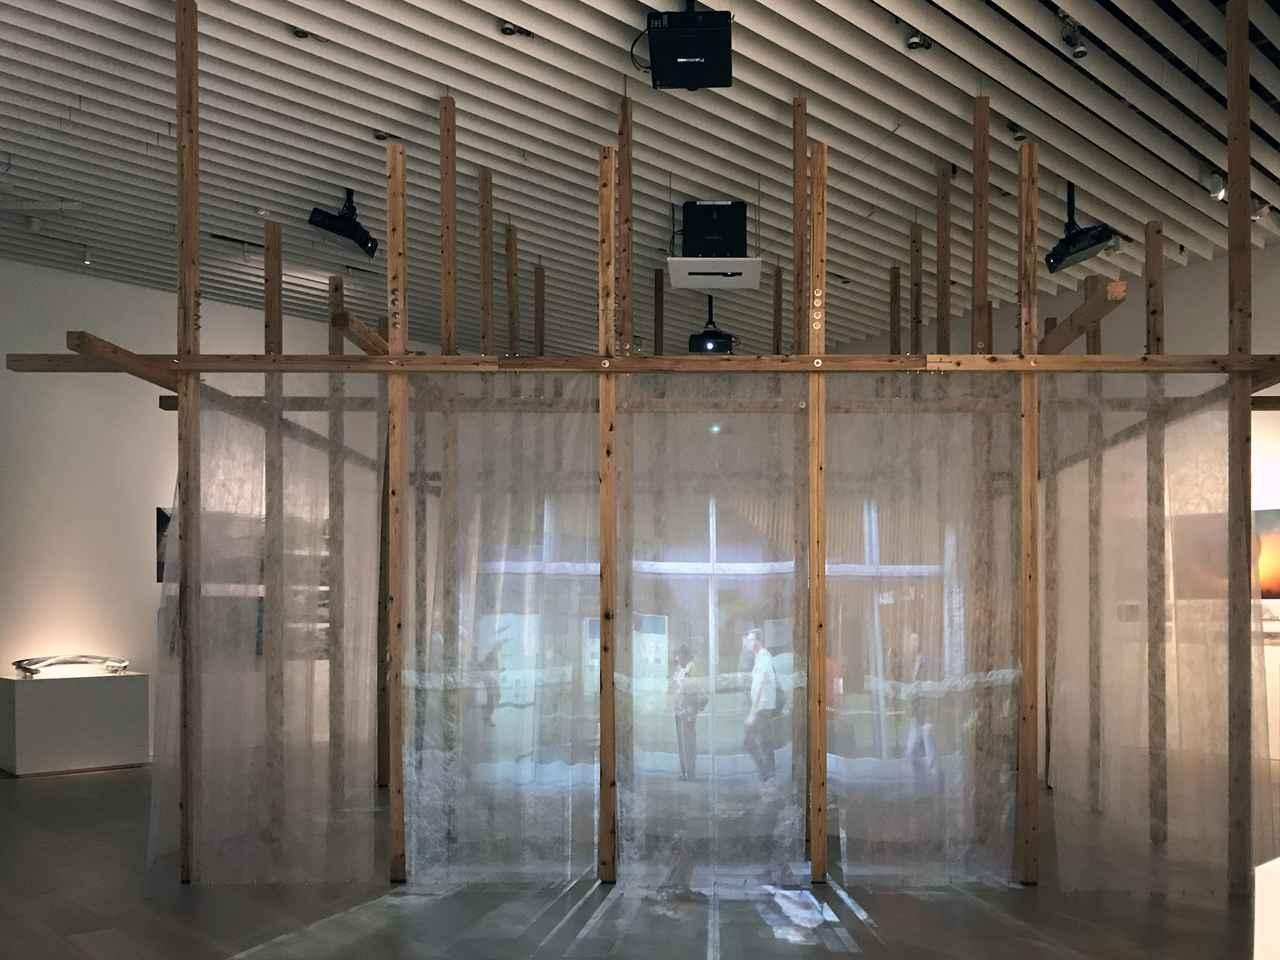 画像: セクション1 「都市の新たな可能性」 展示風景:山梨知彦+Loose Interfaceプロジェクト・チーム 《Loose(ルーズな)Interface(インターフェイス)》もう一つの世界の誕生と、ティンバーインターフェイスの可能性 2019年 photo©saitomoichi